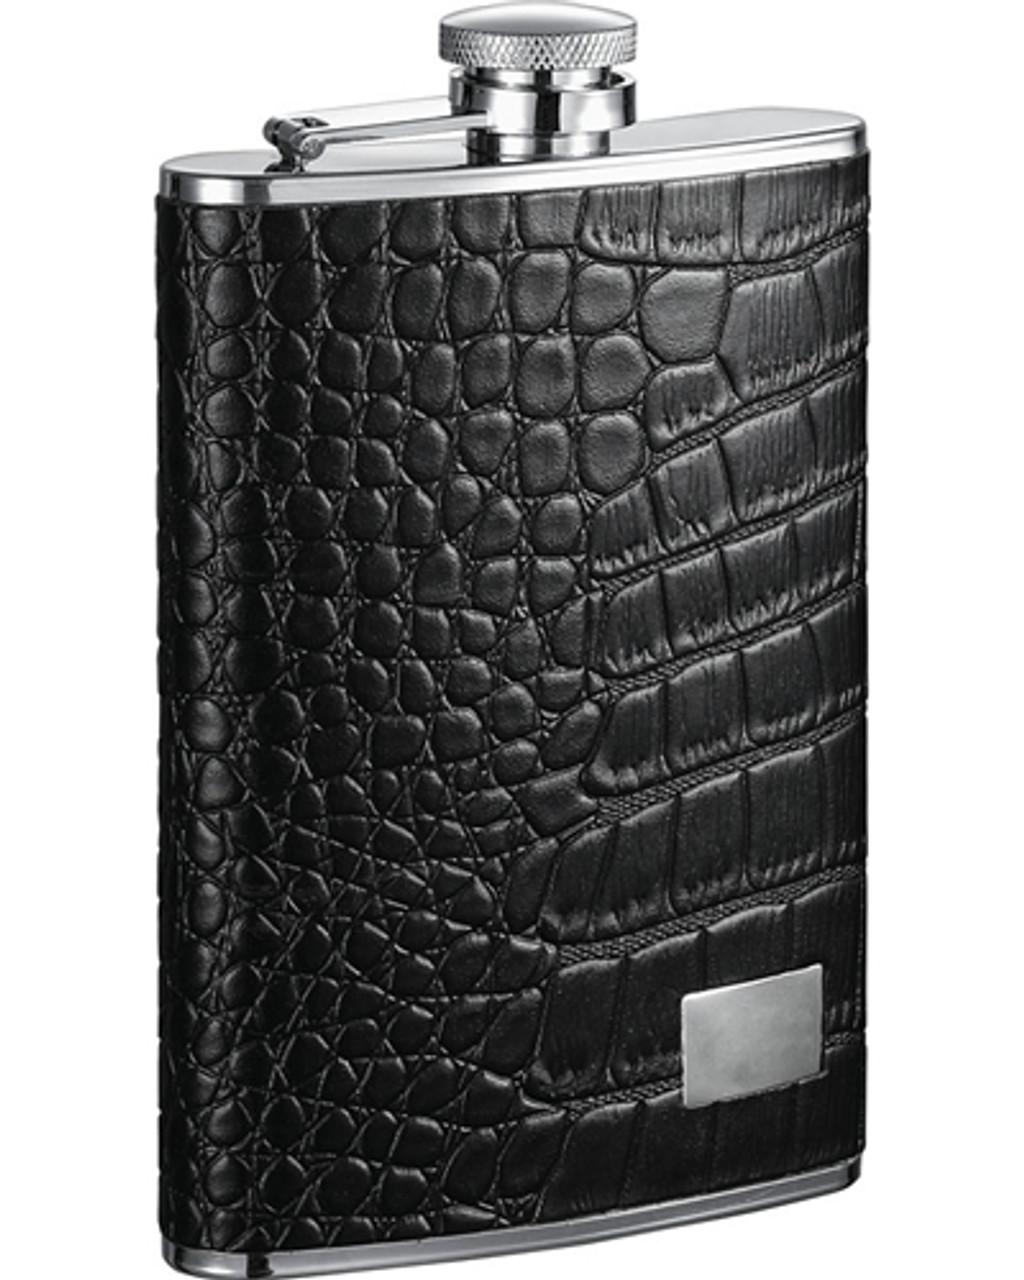 Visol Gator Leather Hip Flask 8 Oz Vf1184 Visol